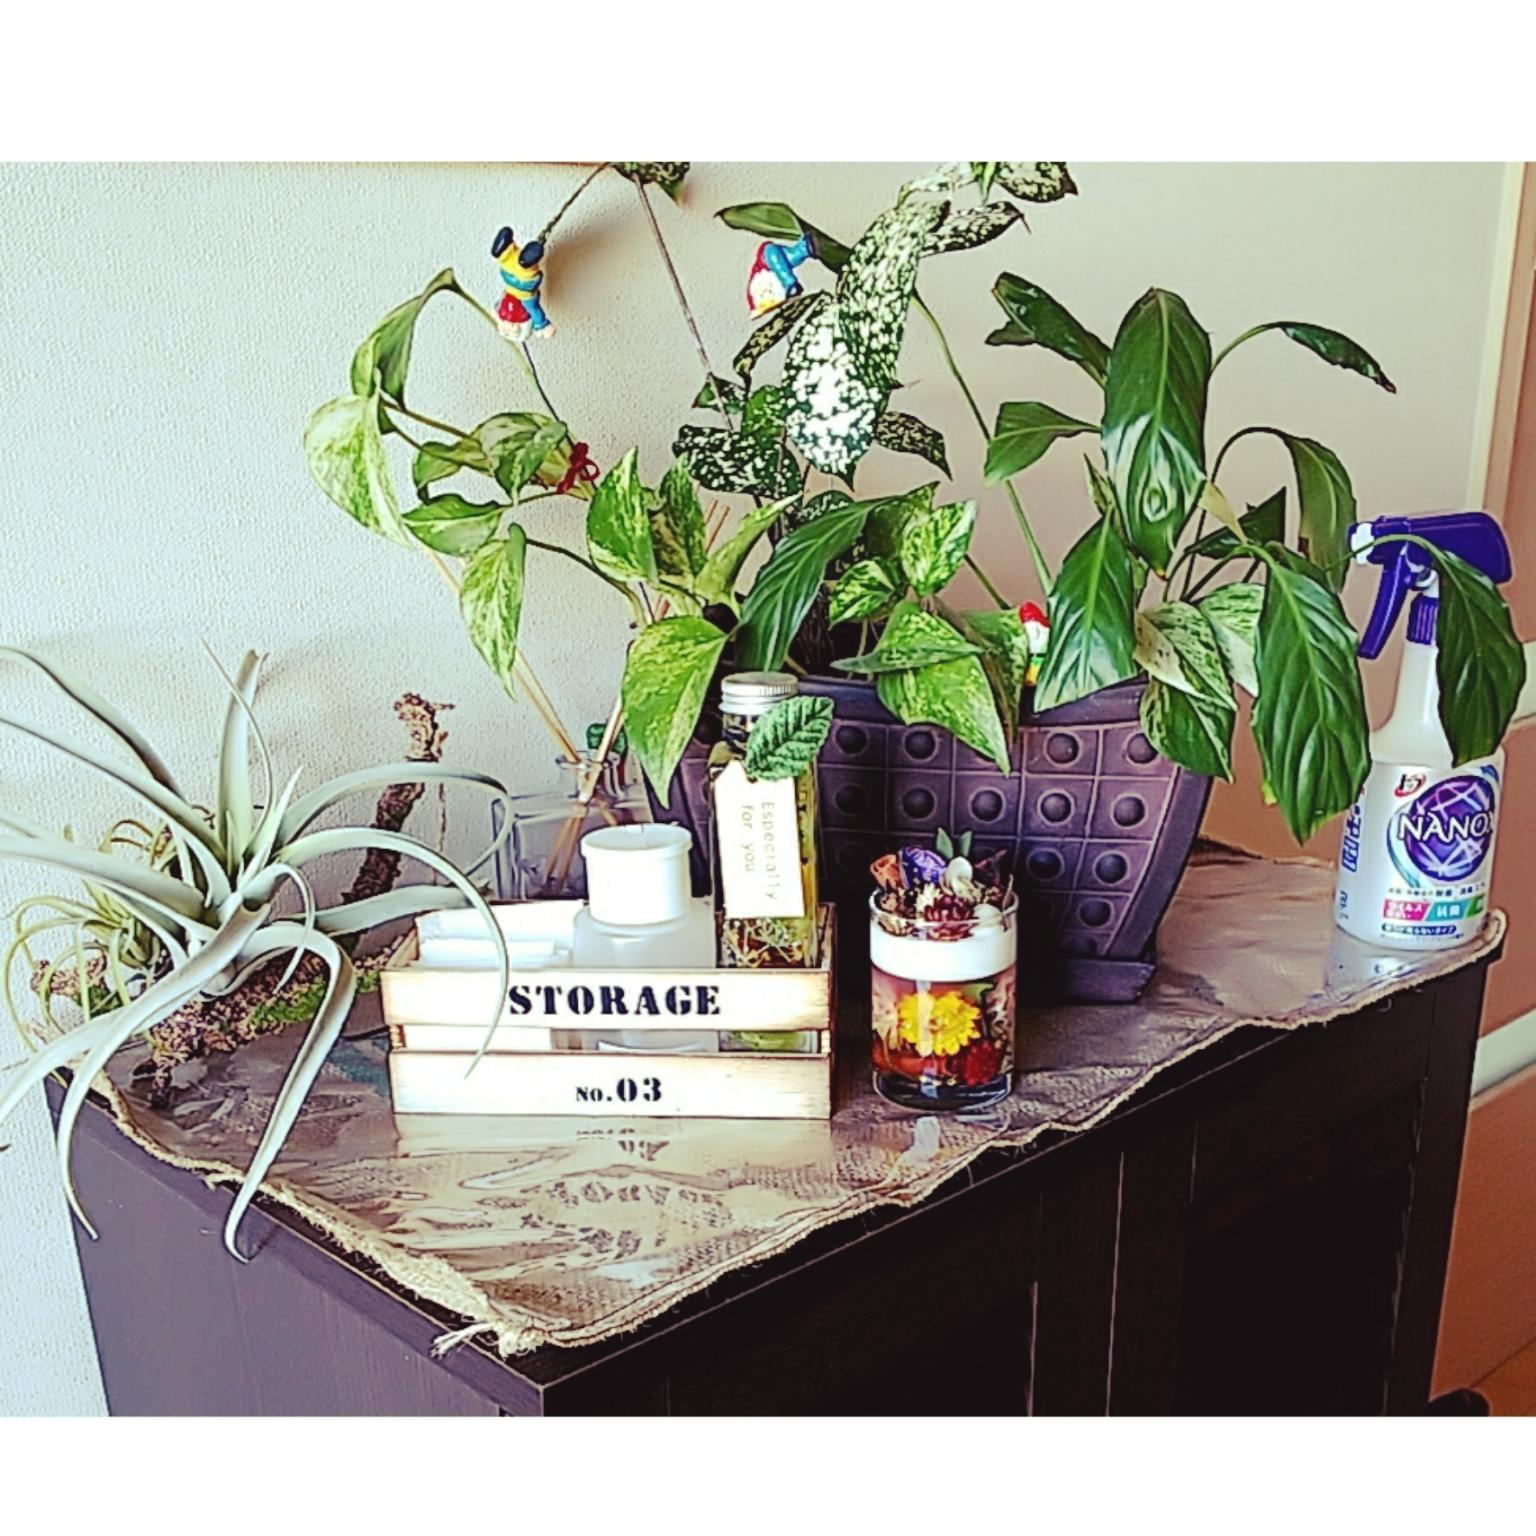 玄関/入り口/除菌/植物のある暮らし/観葉植物のある生活のインテリア実例 - 2020-10-22 12:38:27